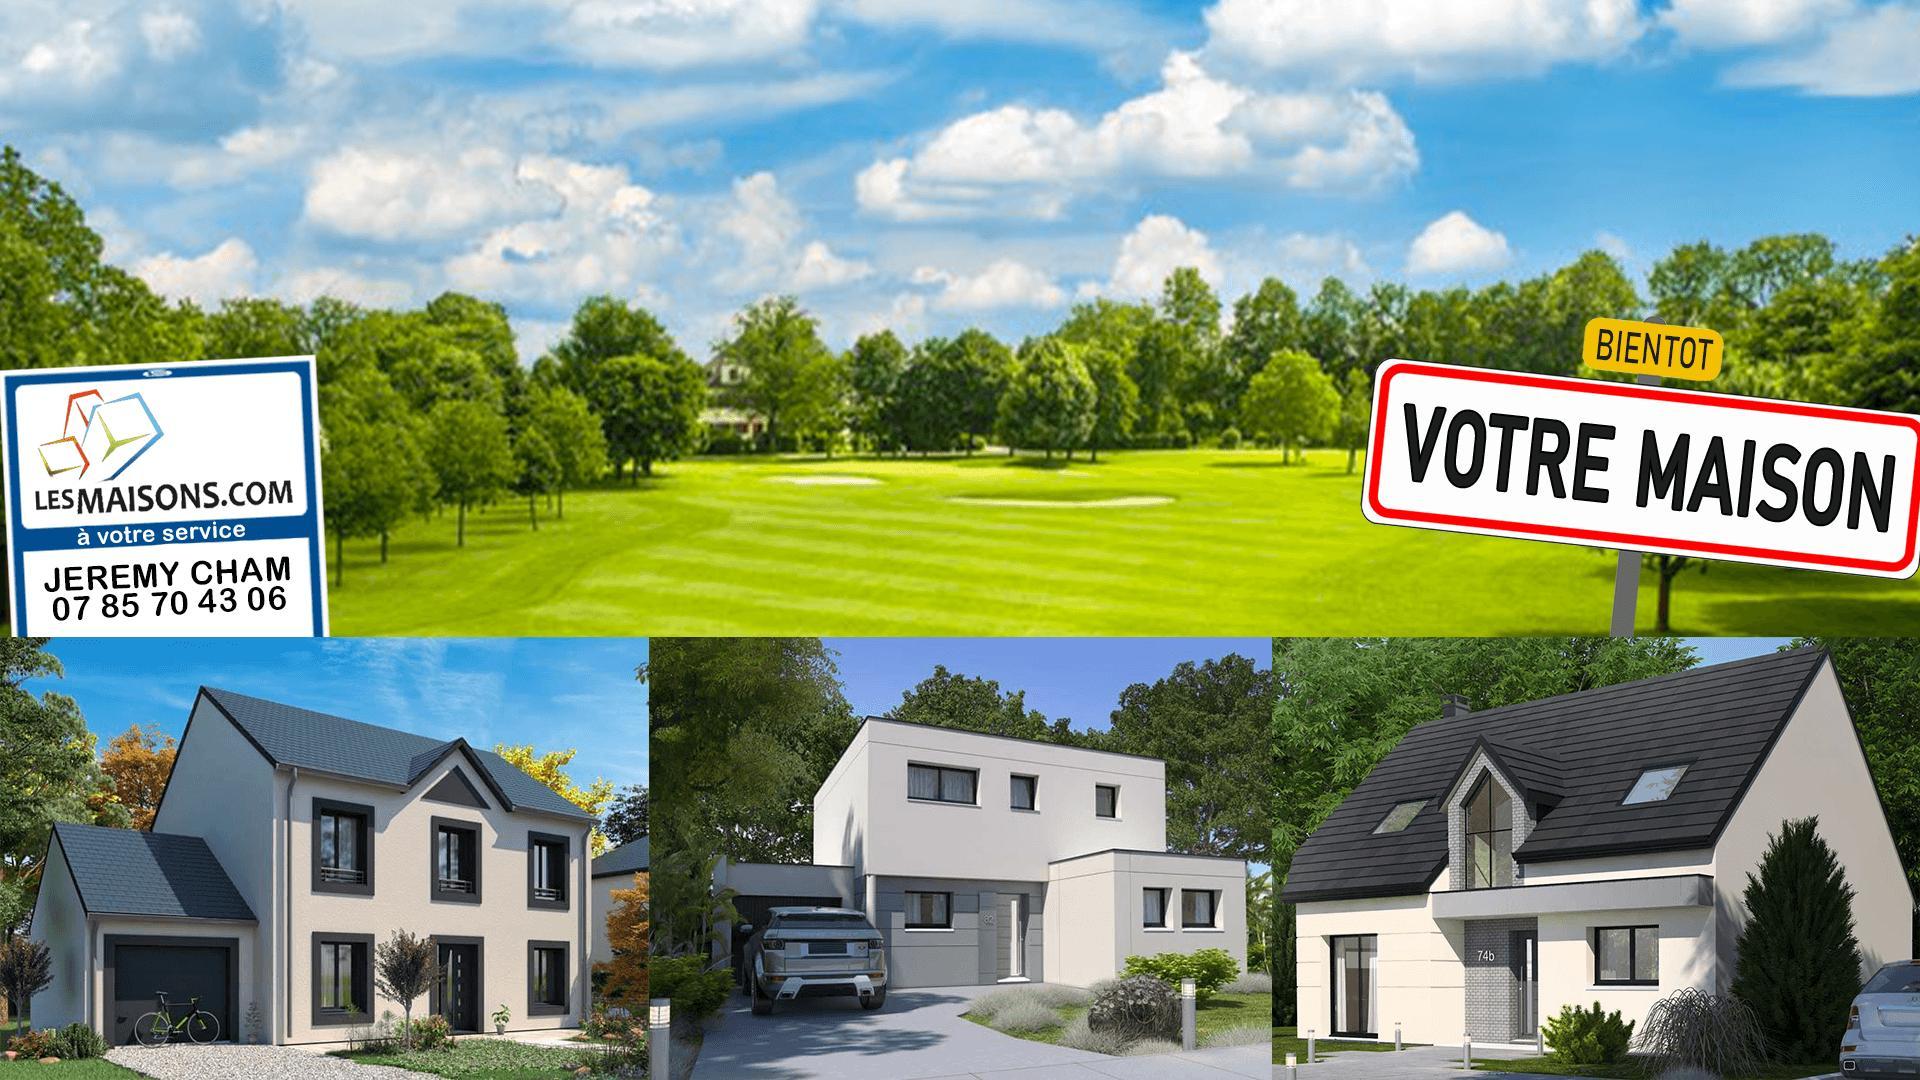 Maisons + Terrains du constructeur LES MAISONS.COM LA VILLE DU BOIS • 123 m² • SAINTRY SUR SEINE